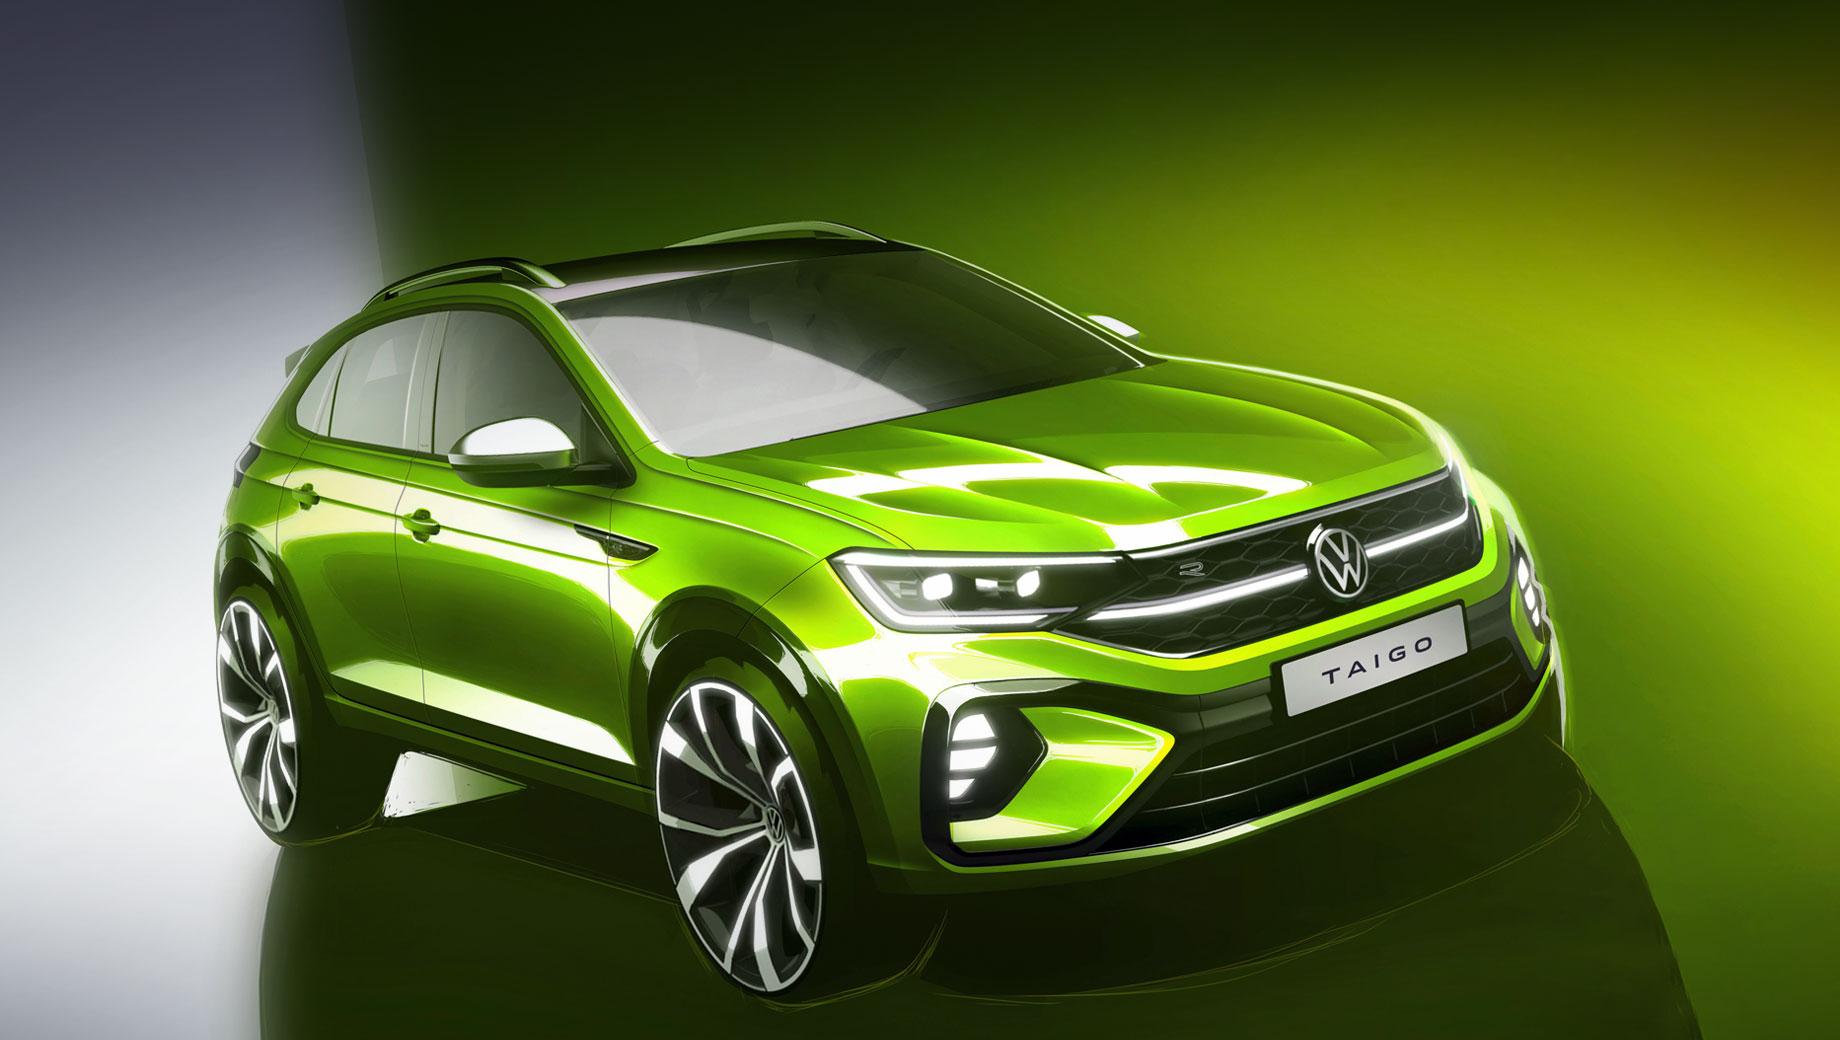 Субкомпакт Volkswagen Taigo для Европы стартует в конце года